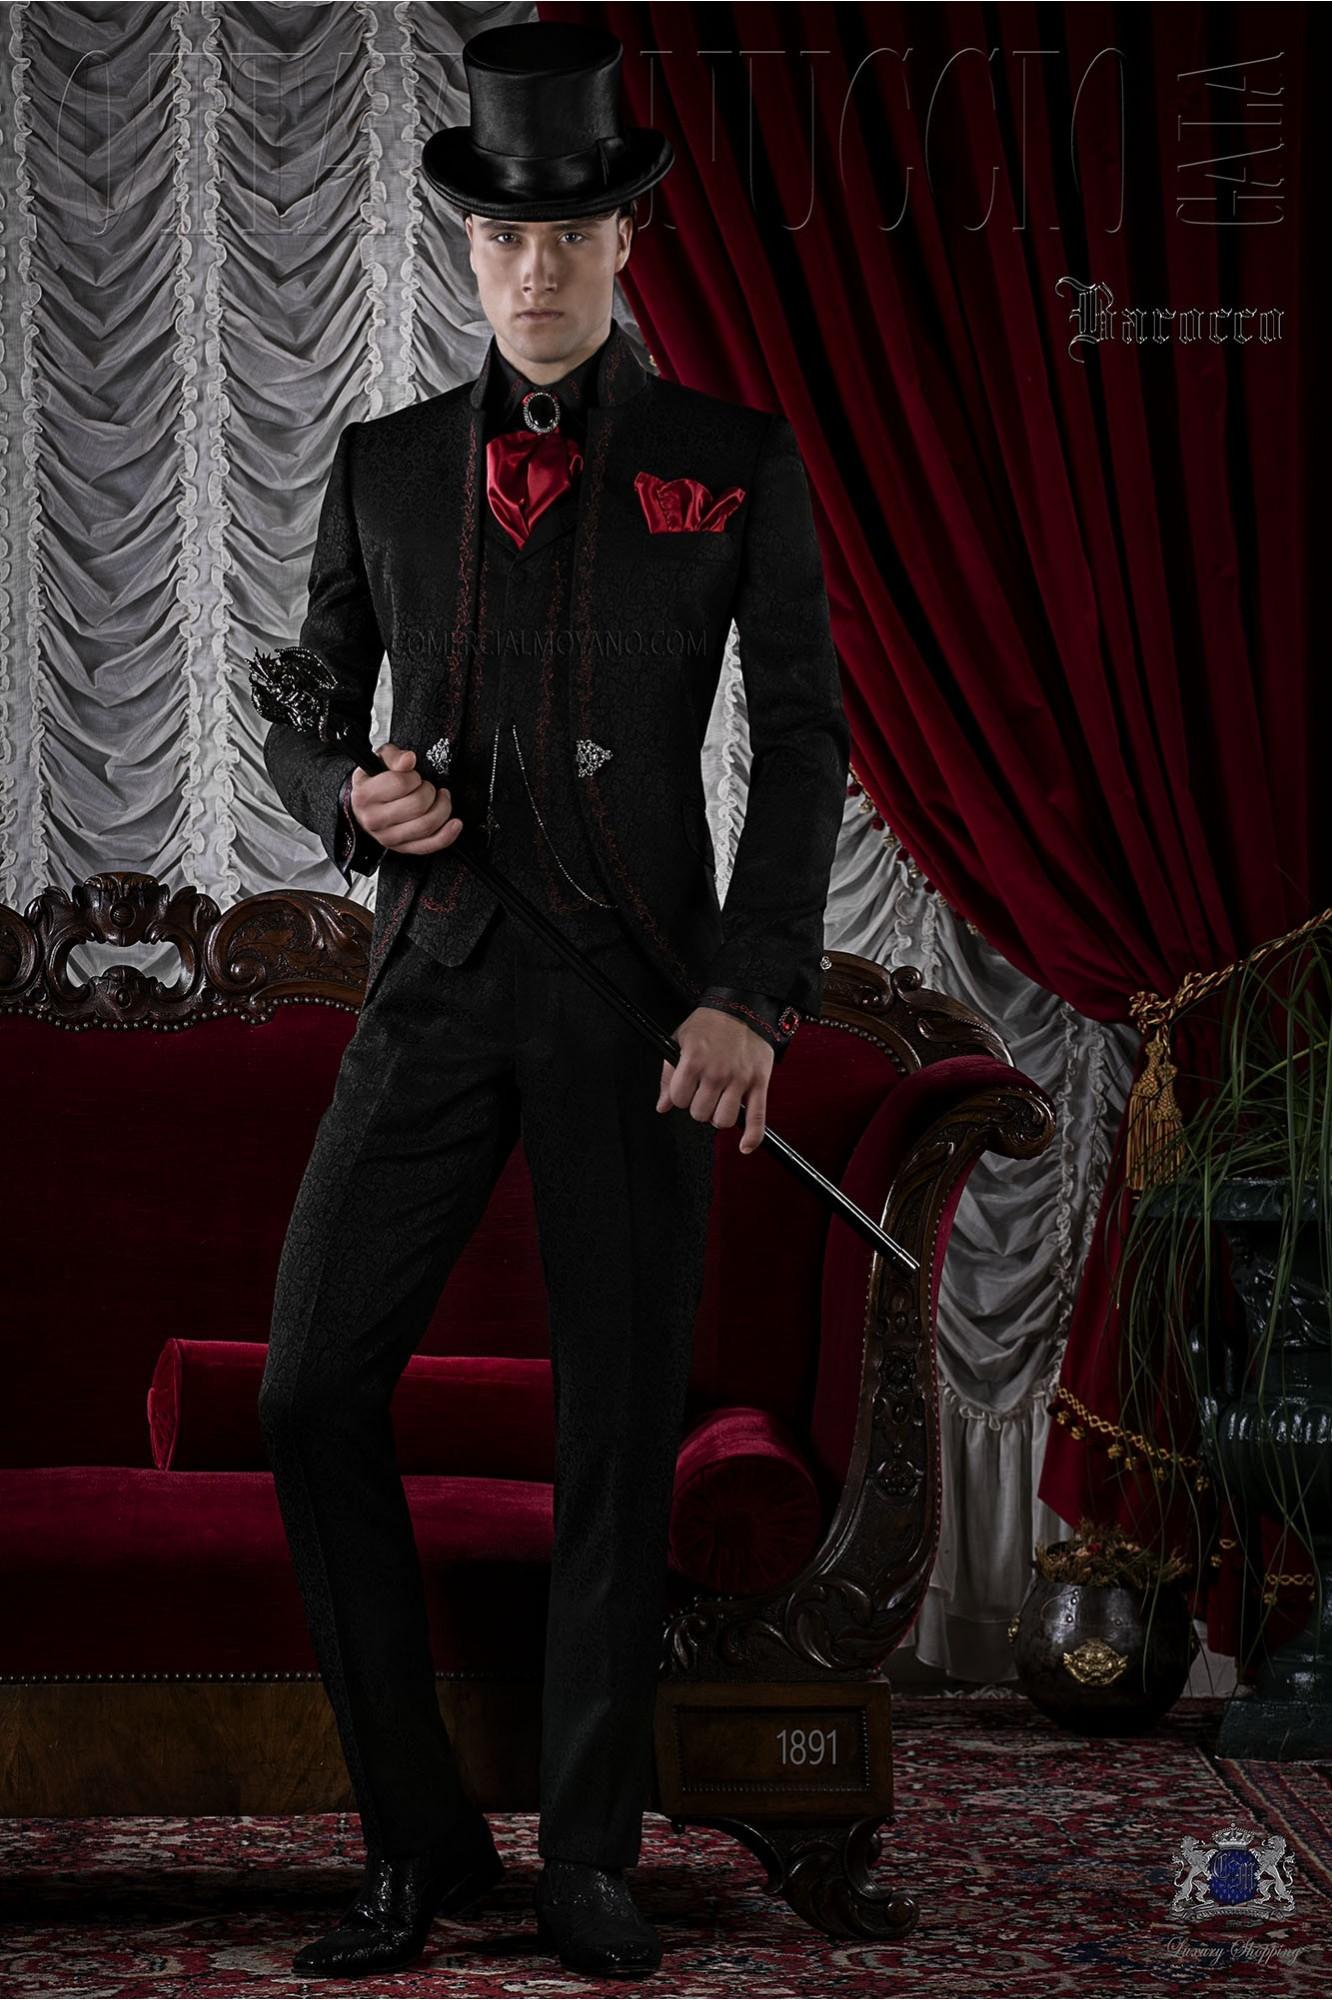 Traje de novio gótico de jacquard negro con bordado rojo.